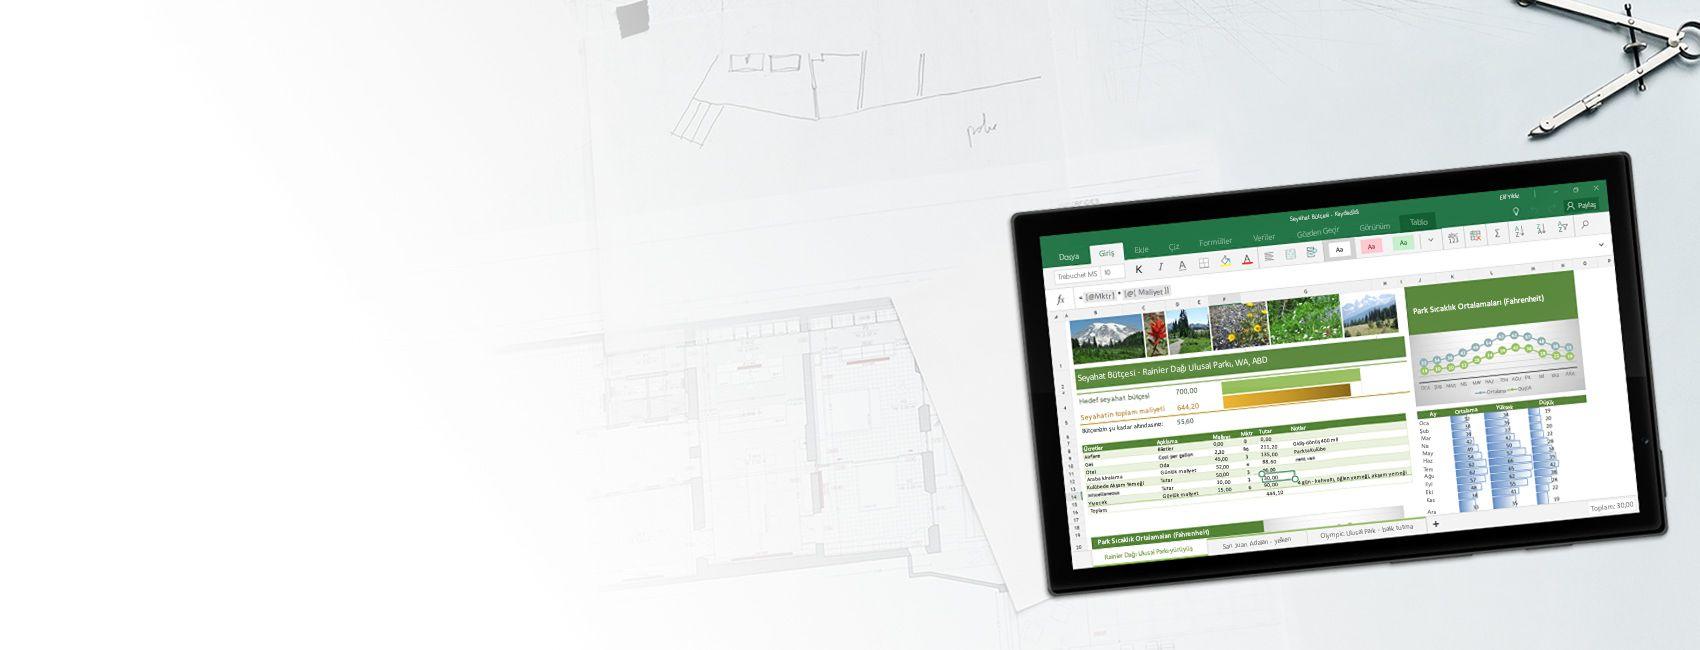 Windows 10 Mobile için Excel'de örnek bir grafik ve seyahat bütçesi raporu içeren bir Excel elektronik tablosu görüntülenen Windows tablet